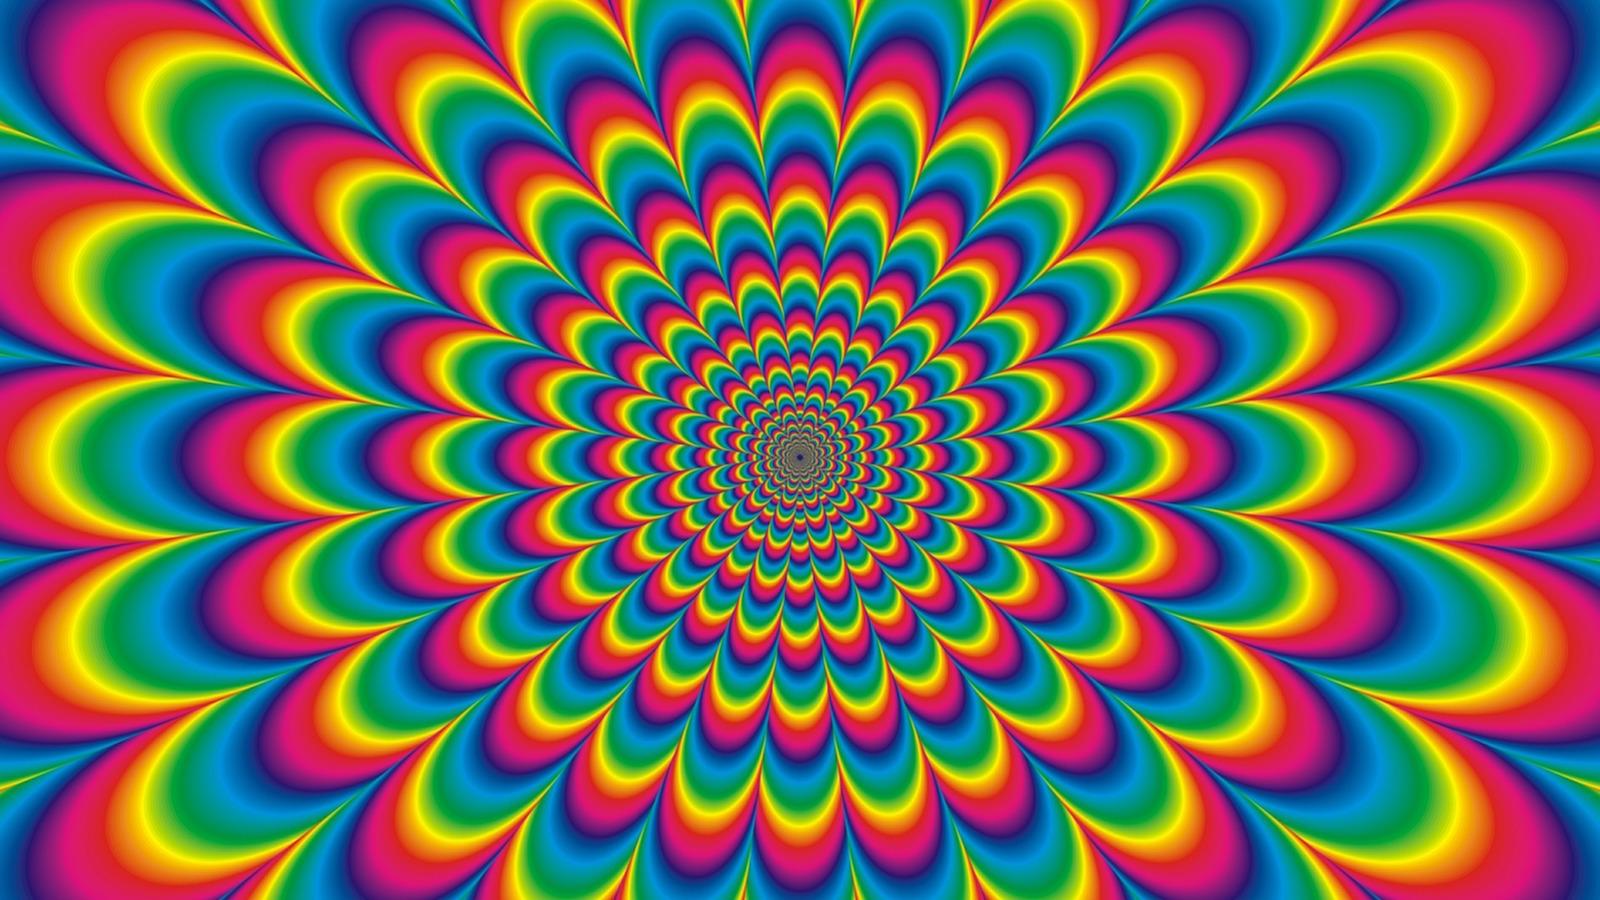 psychedelic-acid-lsd-pattern